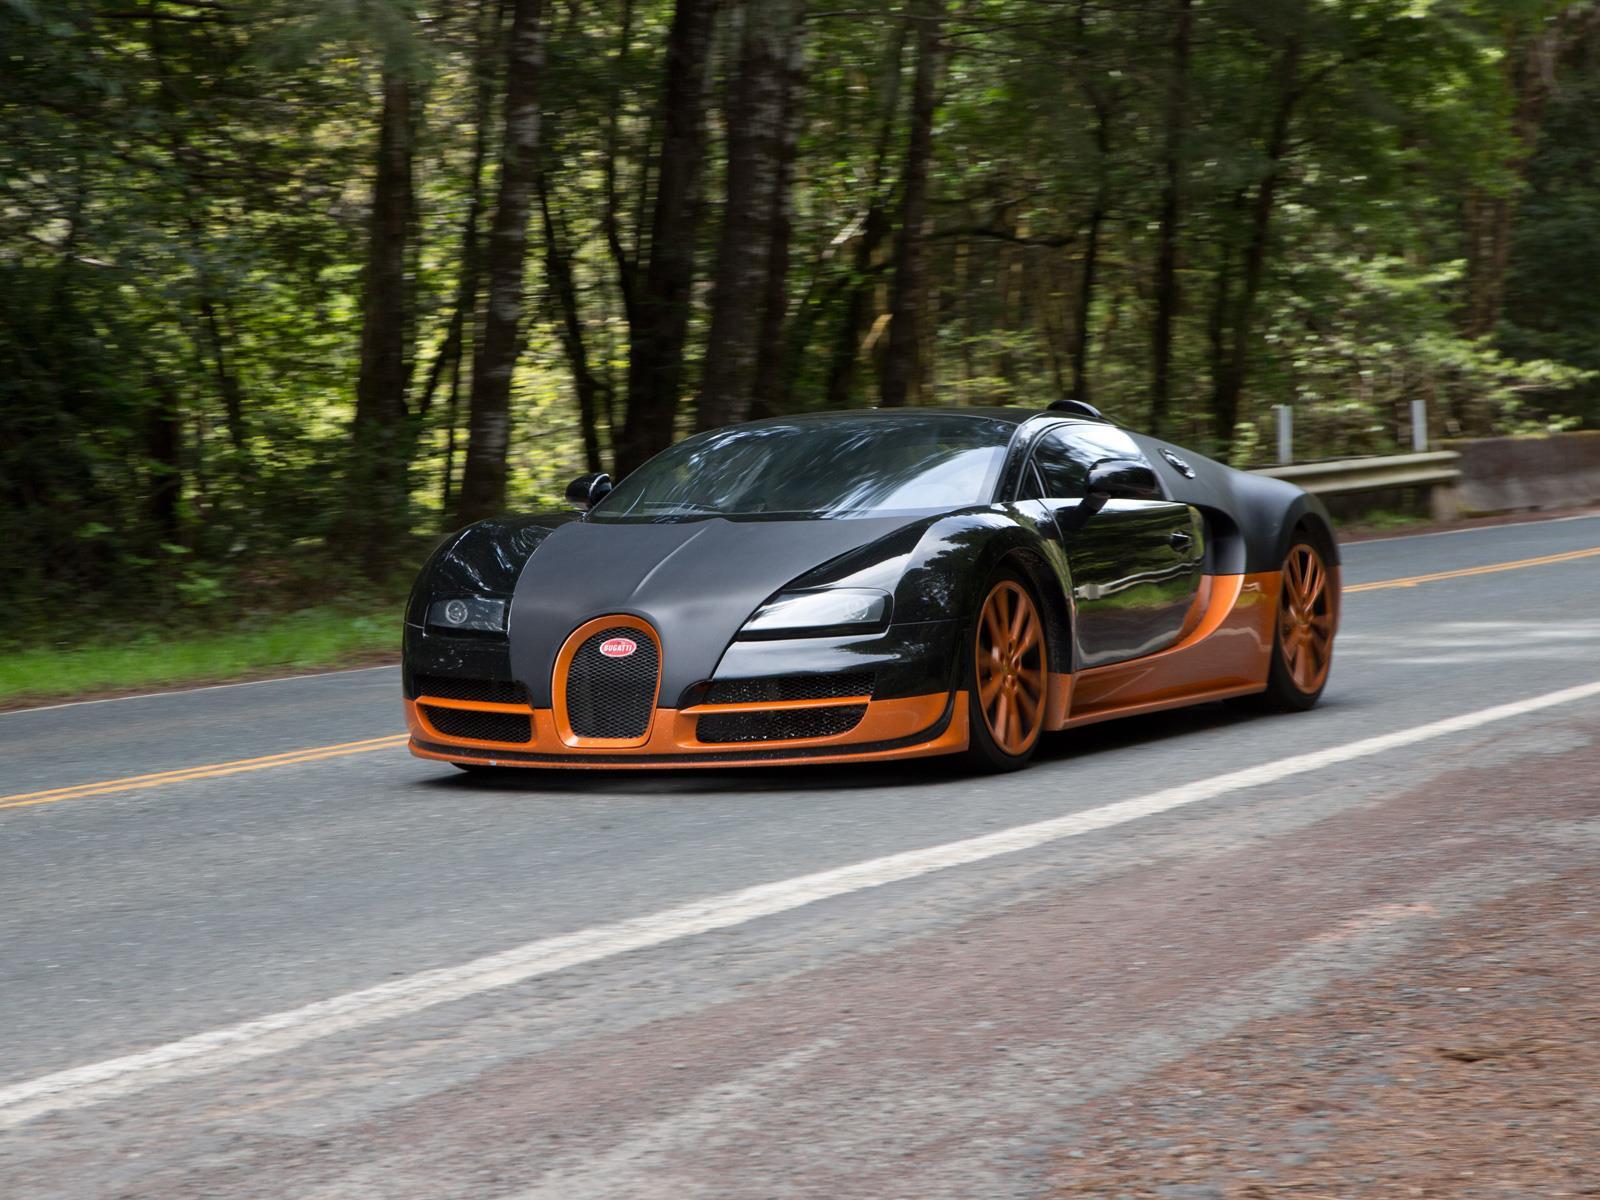 Los carros de la película de Need For Speed - Autocosmos.com